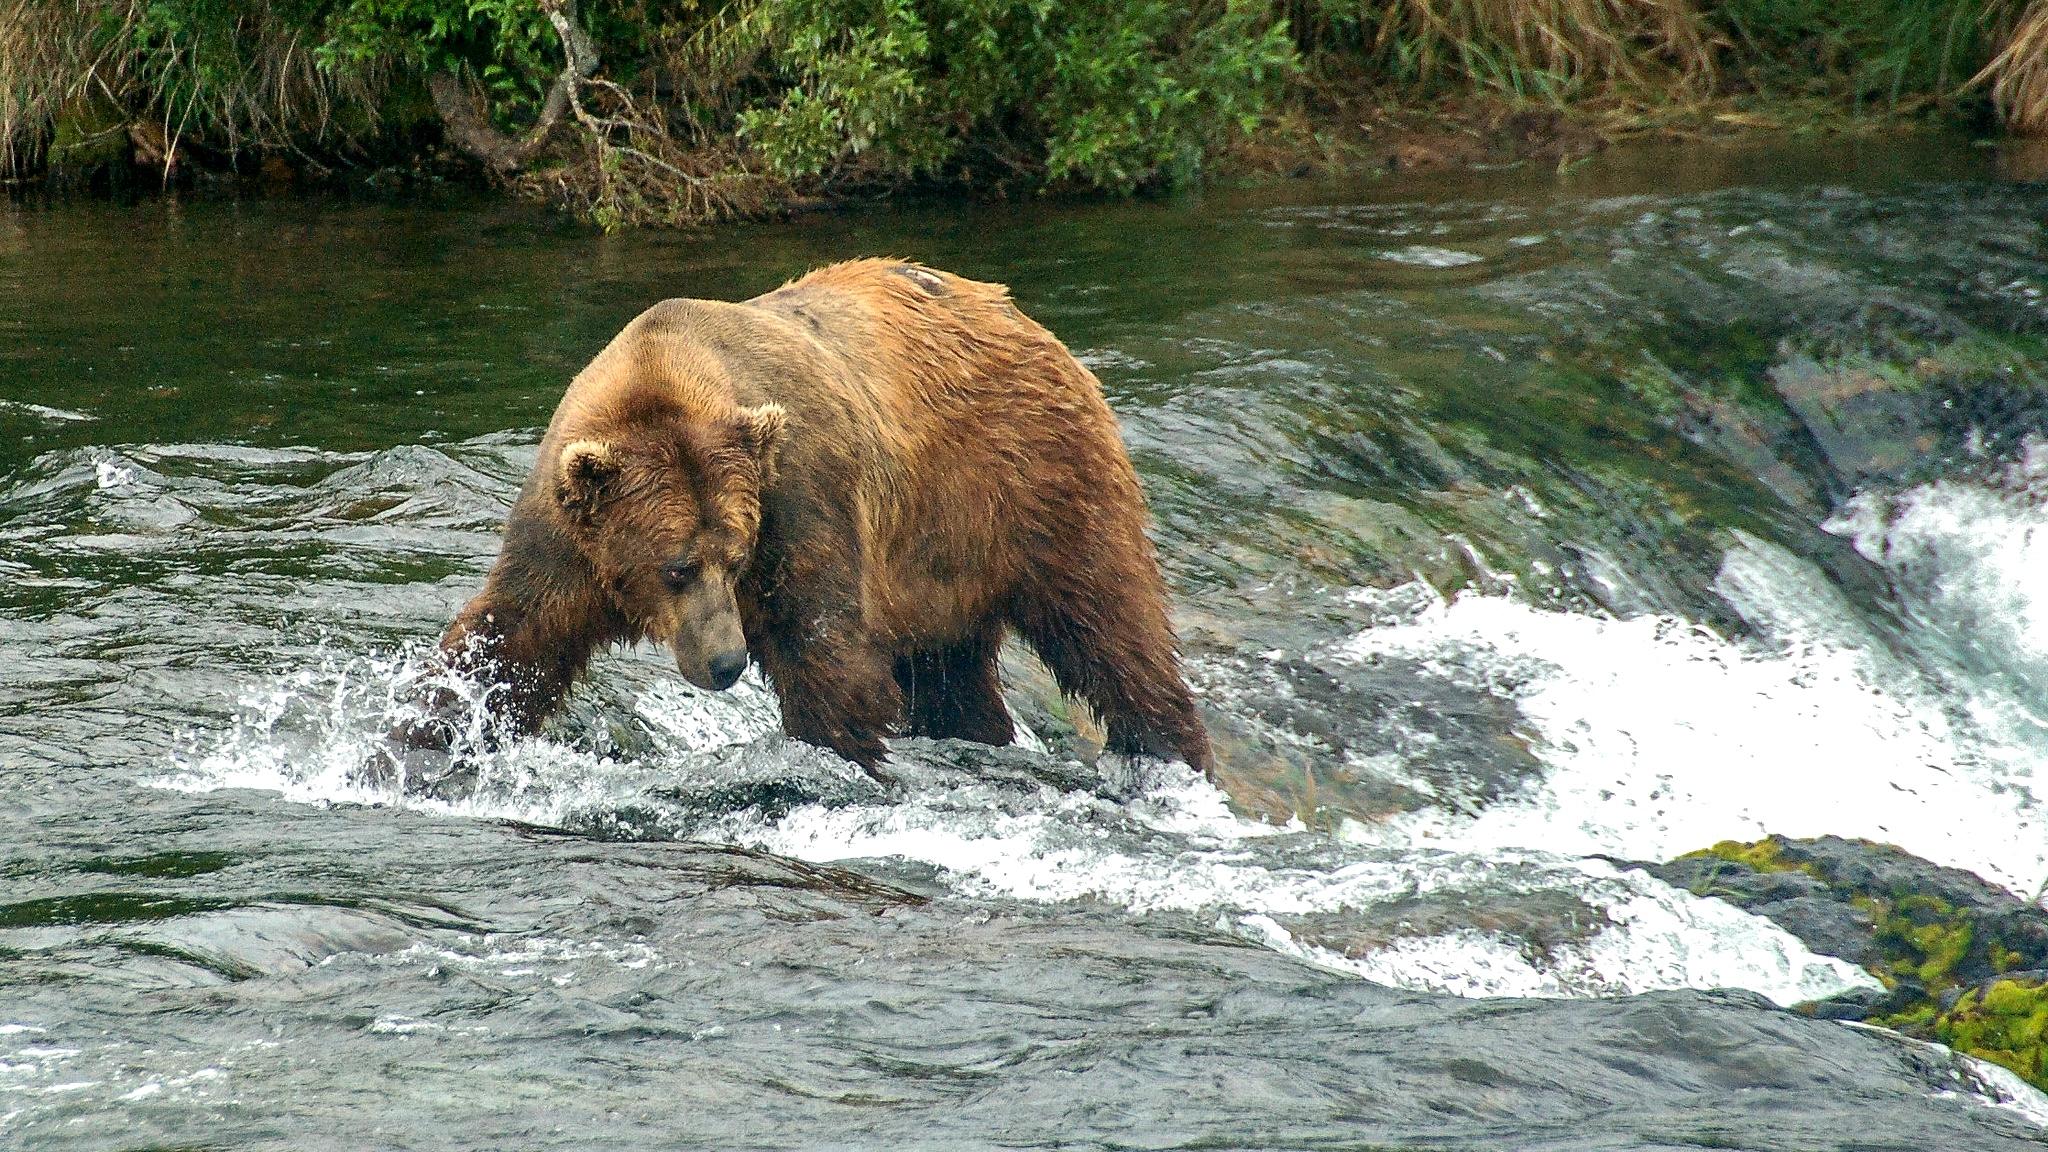 Grizzly bear, Brooks Falls, Katmai National Park, Alaska. (Terry Ott / Flickr)